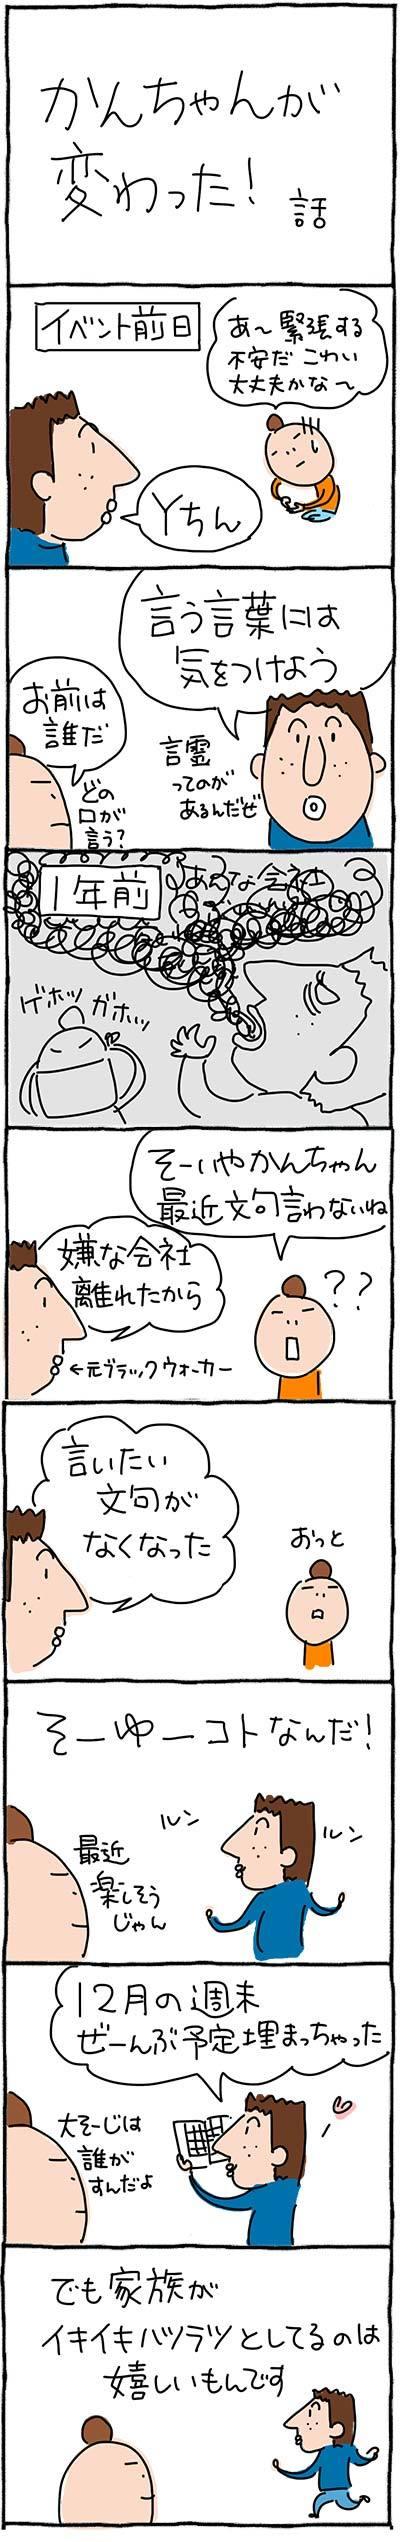 171127かんちゃん変わった2